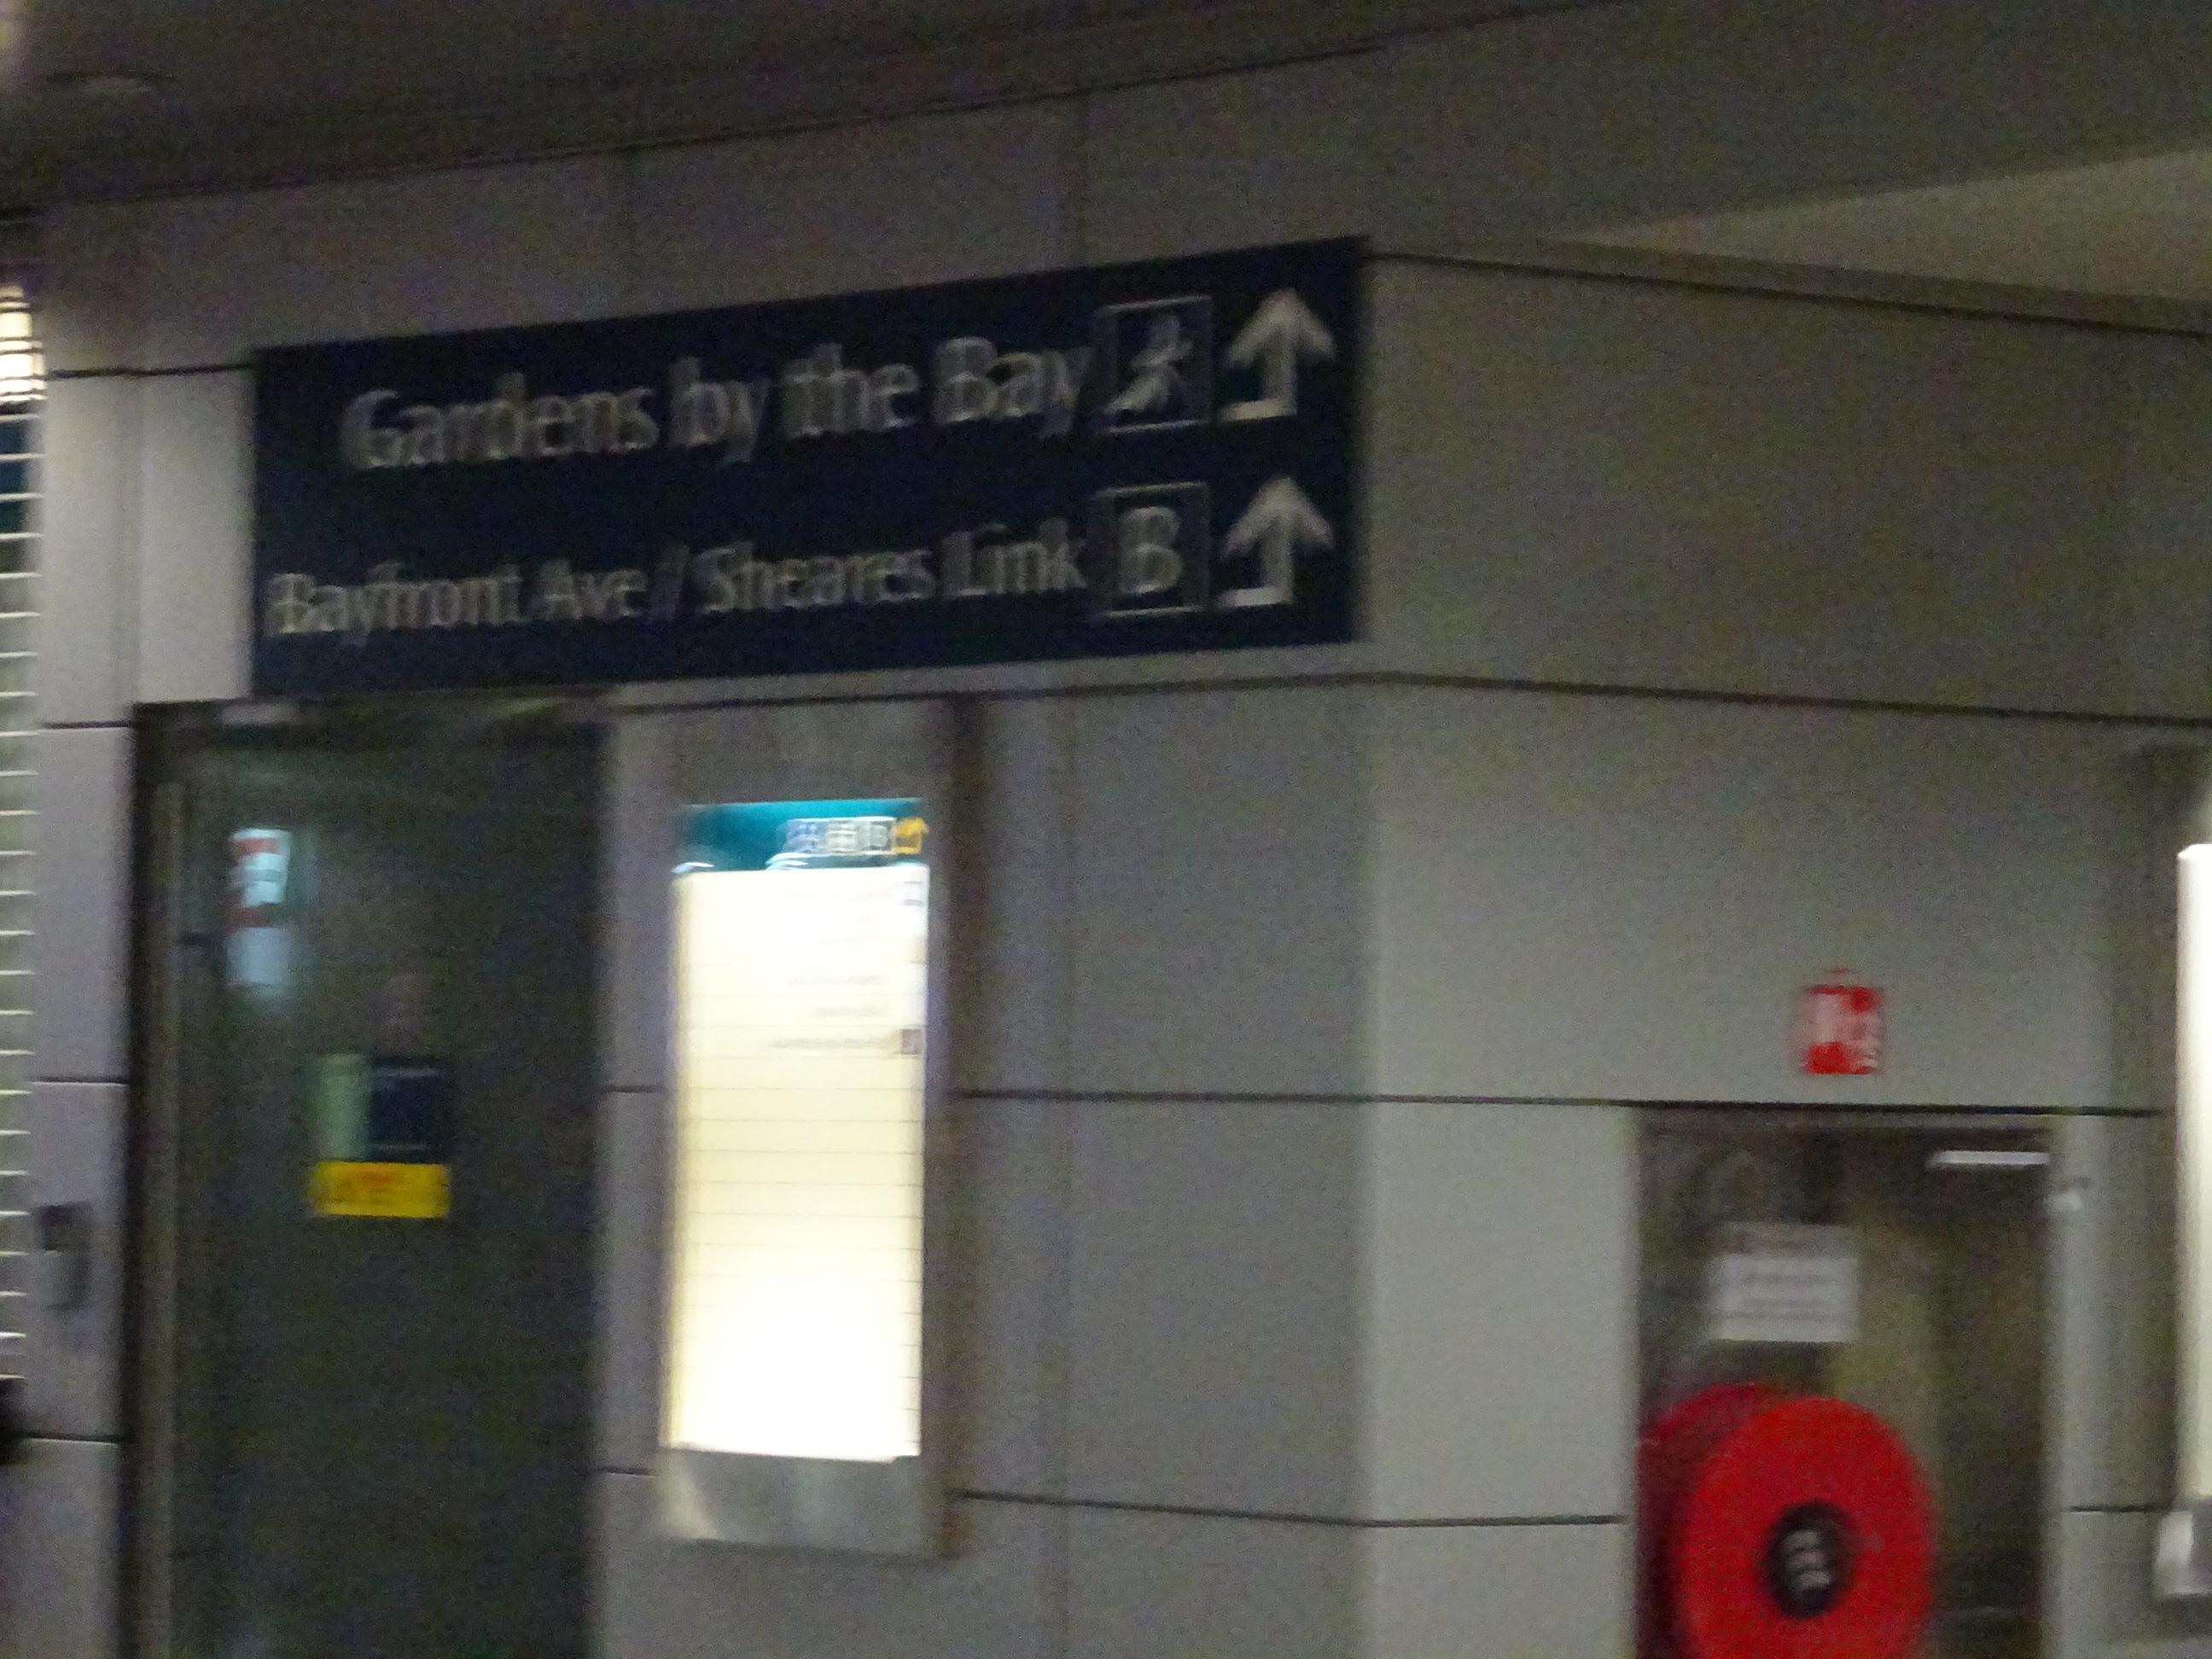 シンガポールの地下鉄「ベイフロント」駅のガーデンズバイザベイへの案内表示